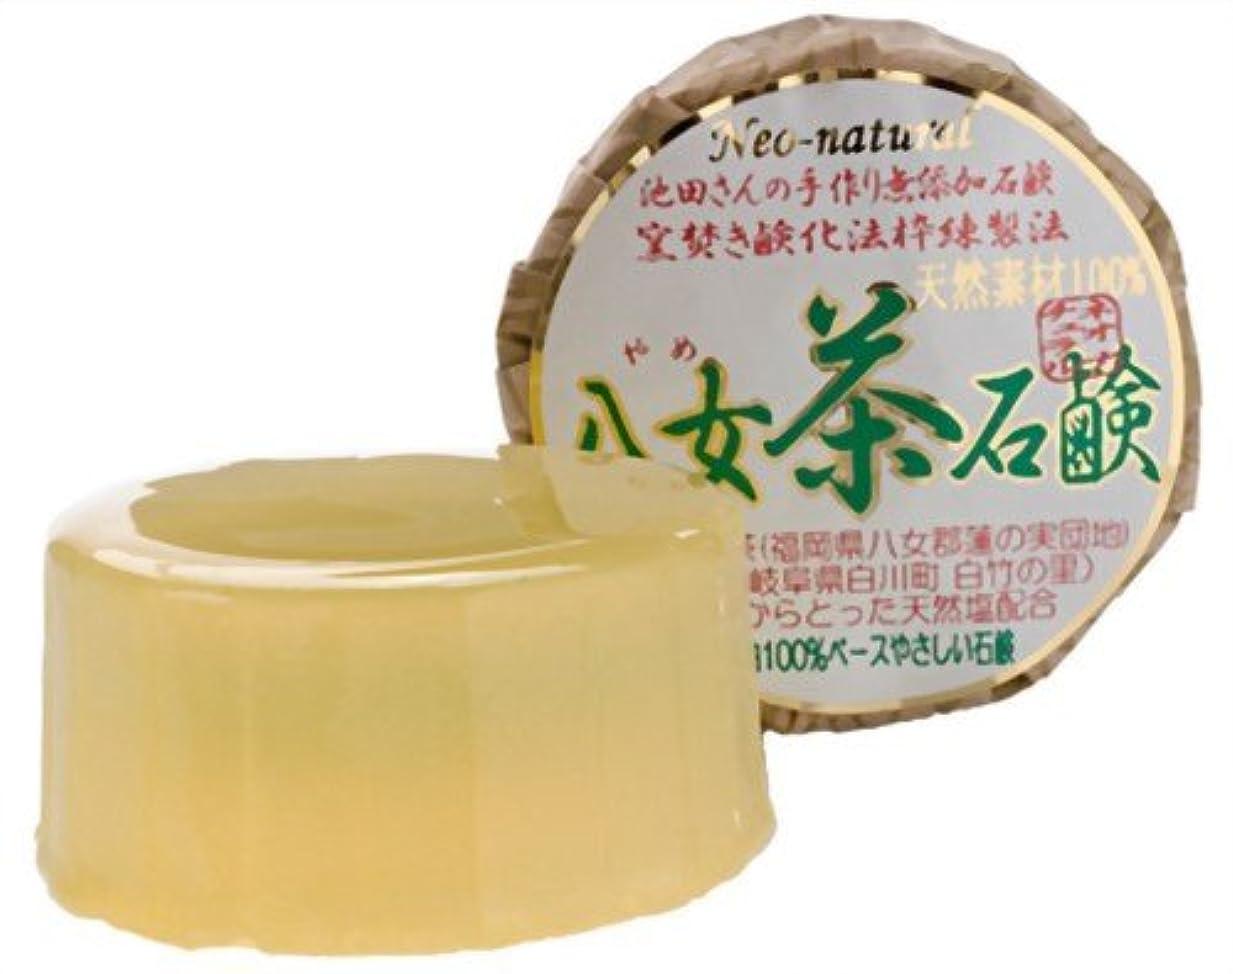 アミューズ拮抗先行するネオナチュラル 池田さんの八女茶石鹸 80g